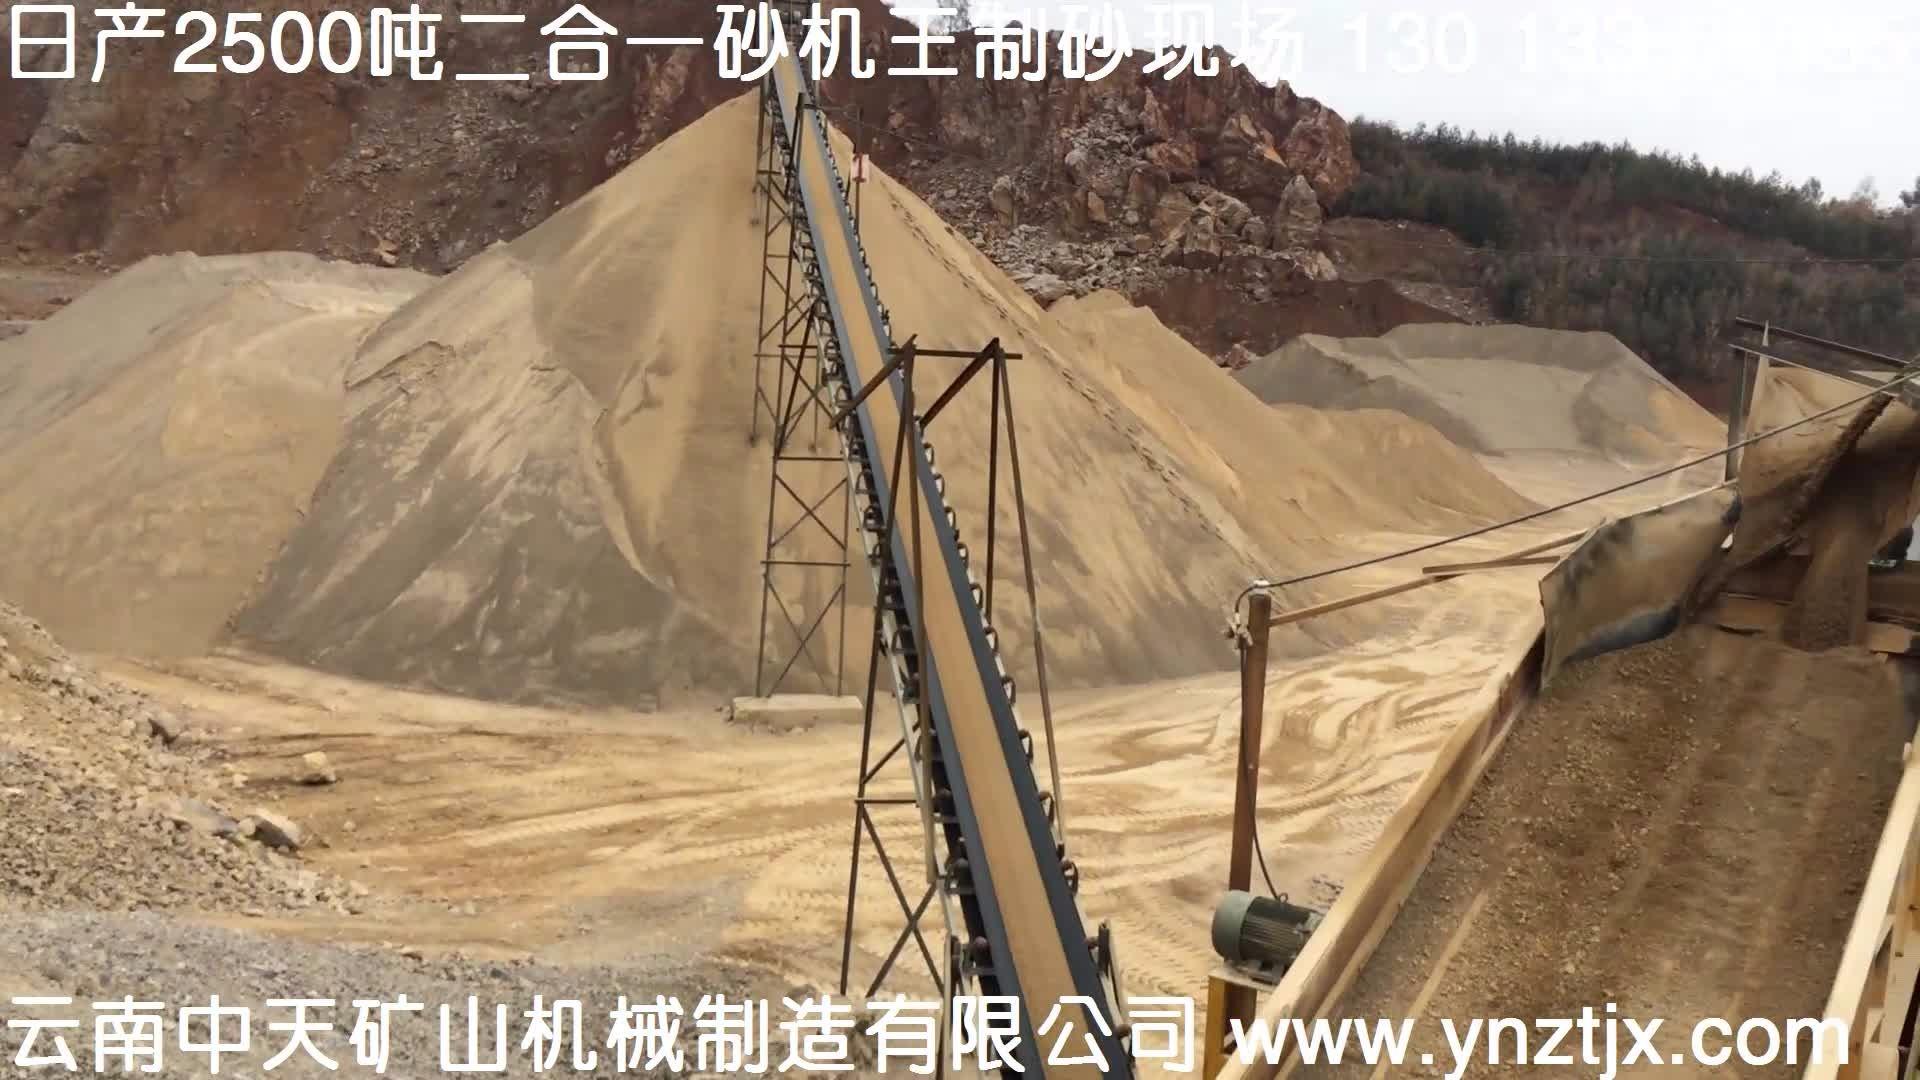 云南日产2500吨manbetx官网电脑版制砂生产线现场二